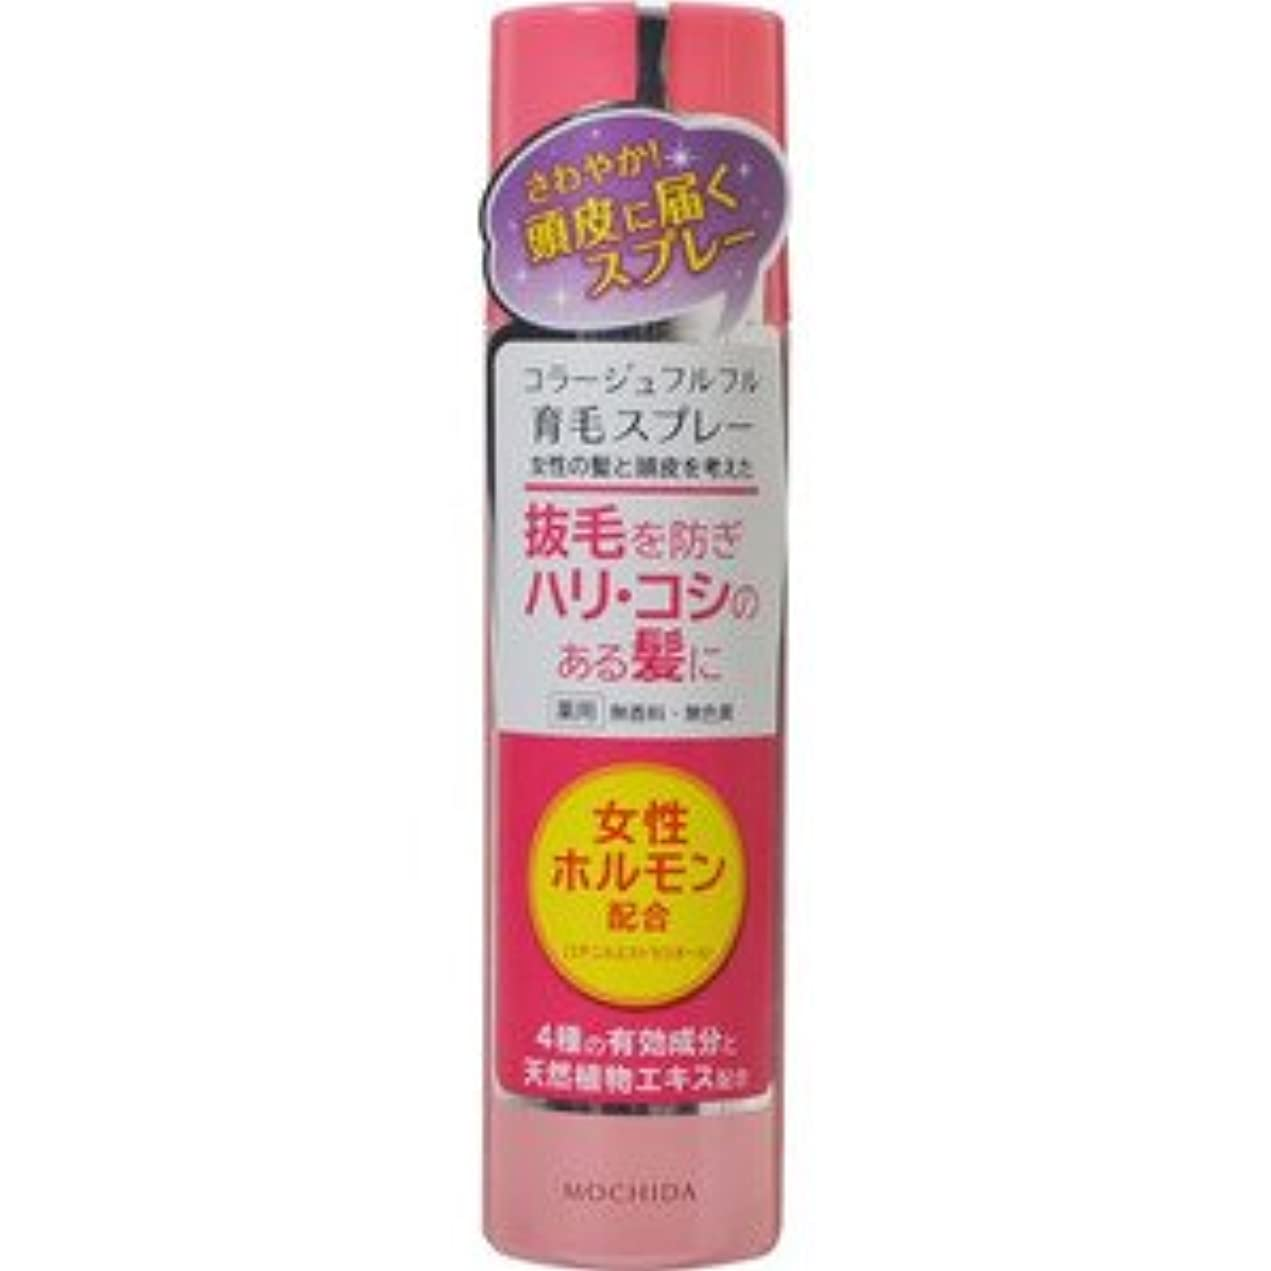 消化気球ネーピア(持田ヘルスケア)コラージュフルフル 育毛スプレー 150g(医薬部外品)